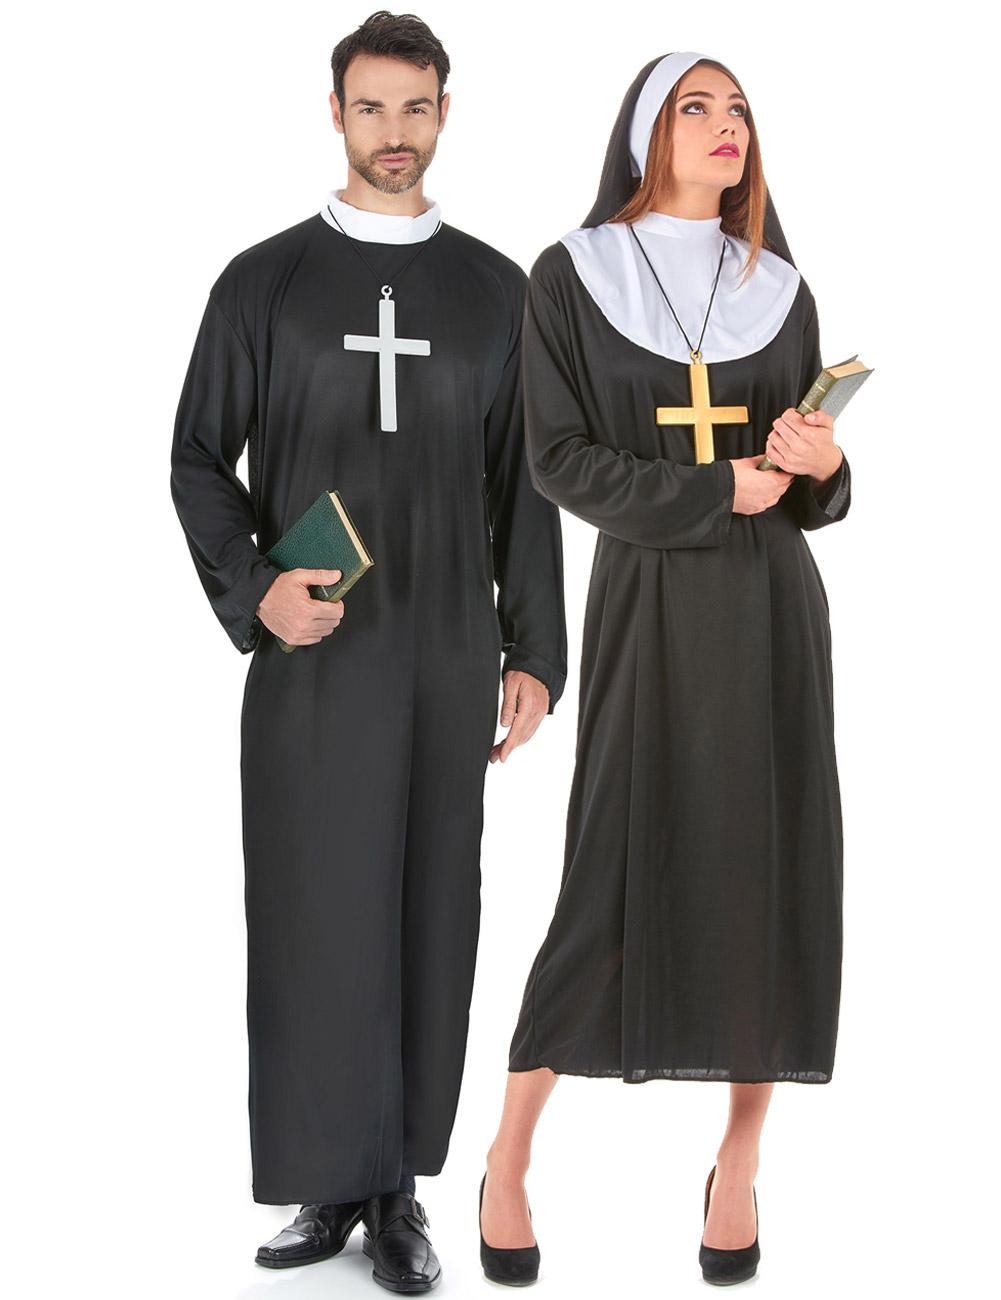 Costume uomo donna  coppia di religiosi su VegaooParty eb8a589fb3d